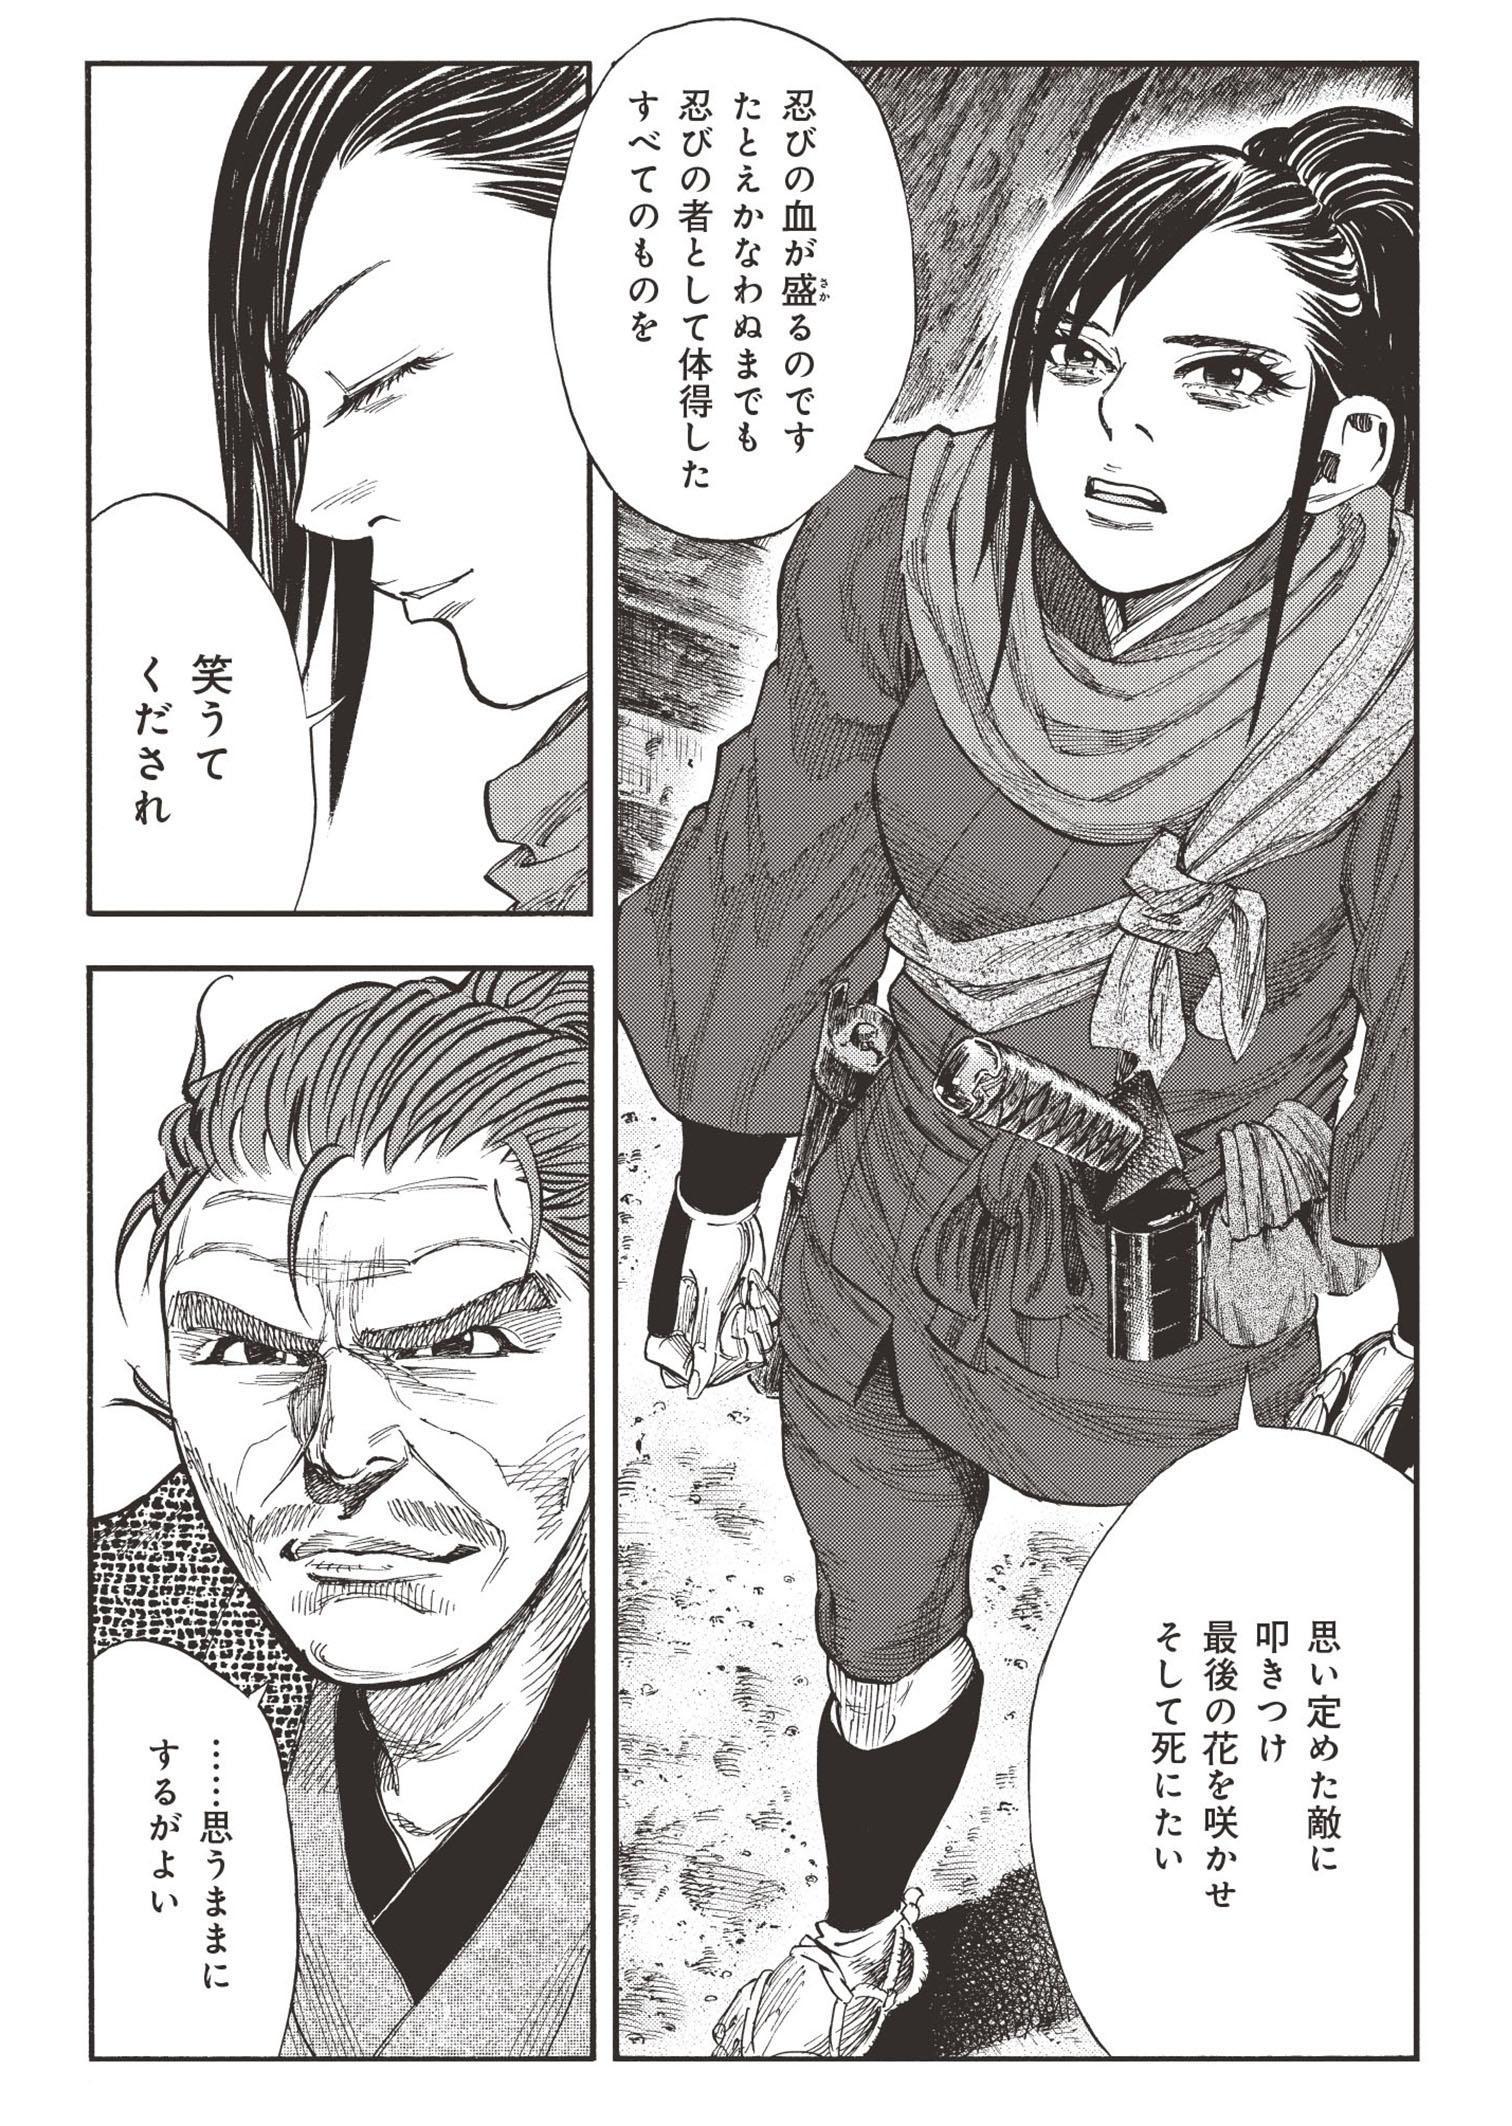 真田太平記 第0話「日本一の兵」①sanada01_013.jpg